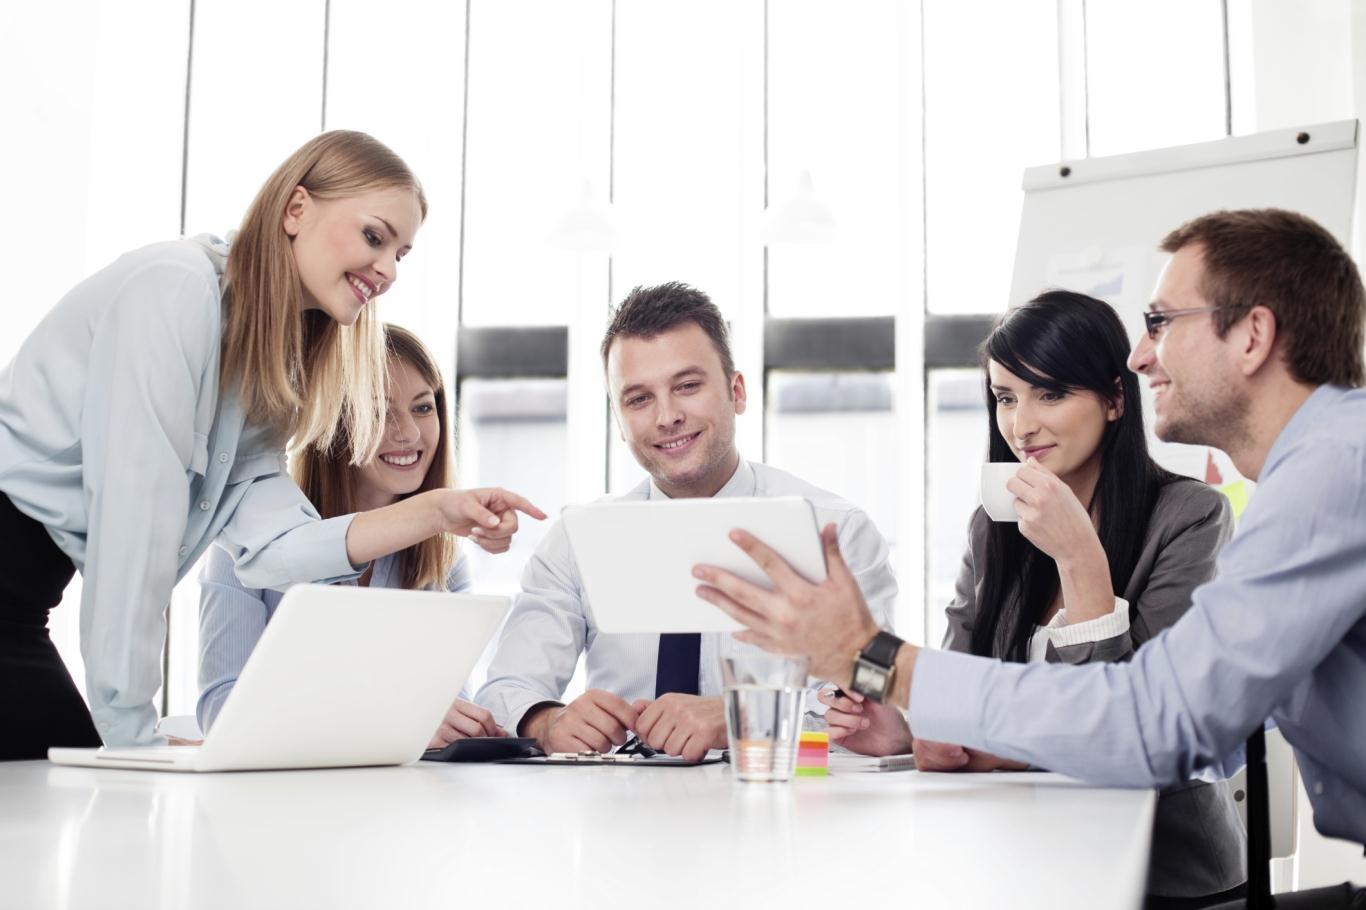 Chức vụ, phòng ban trong công ty - Từ vựng tiếng Anh văn phòng